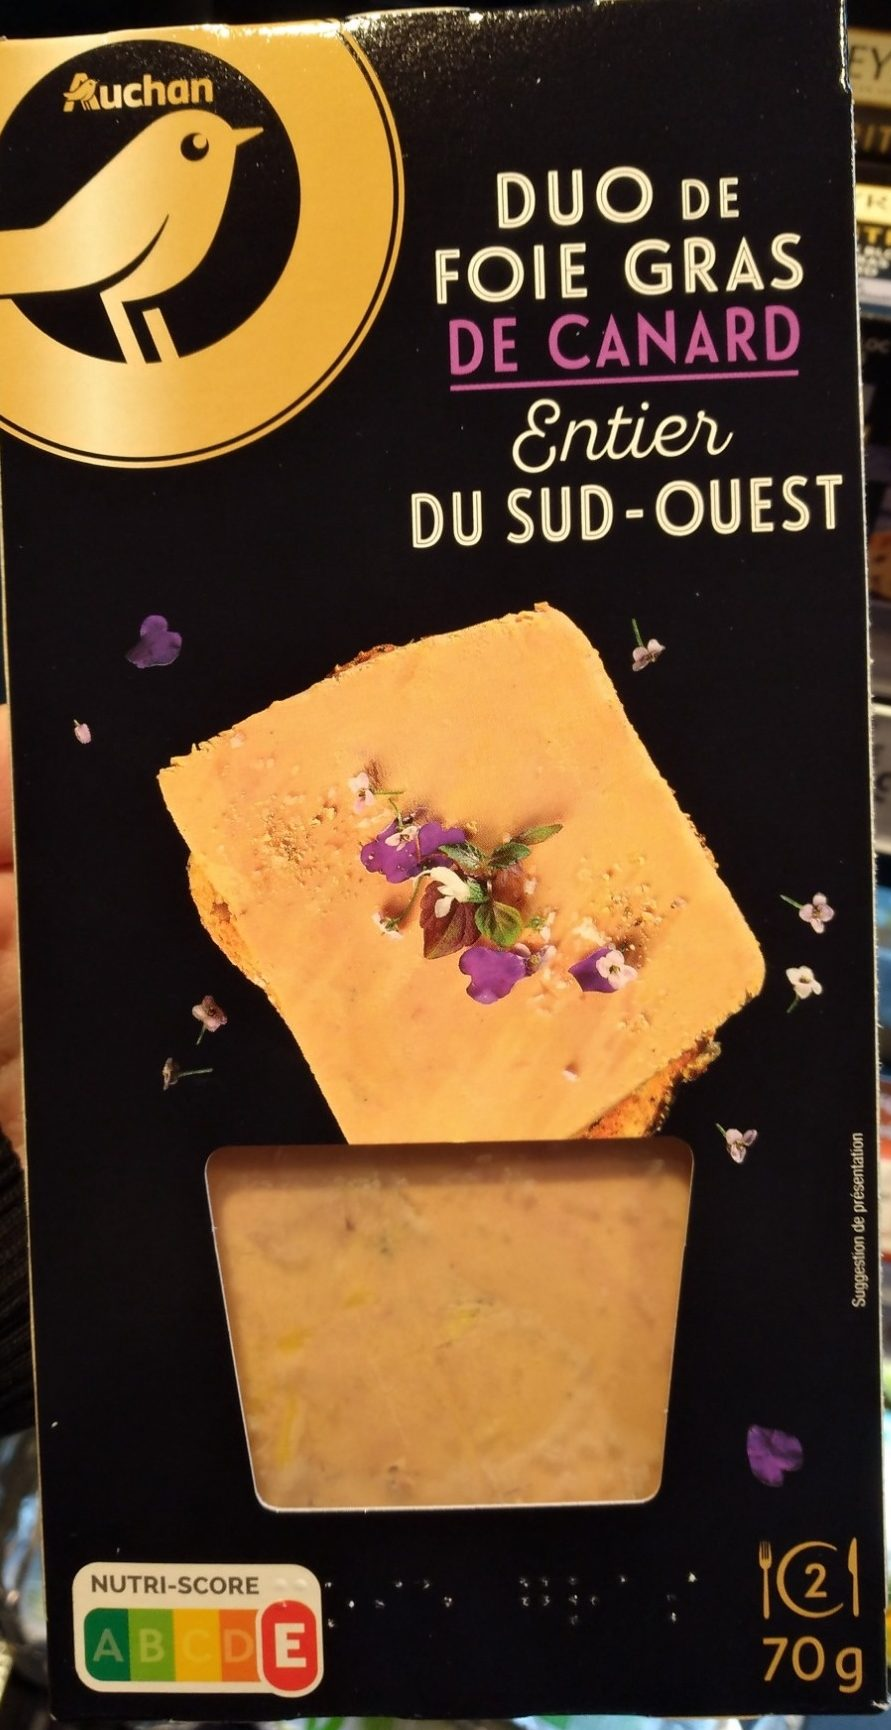 Duo de foie gras de canard entier du Sud-Ouest - Product